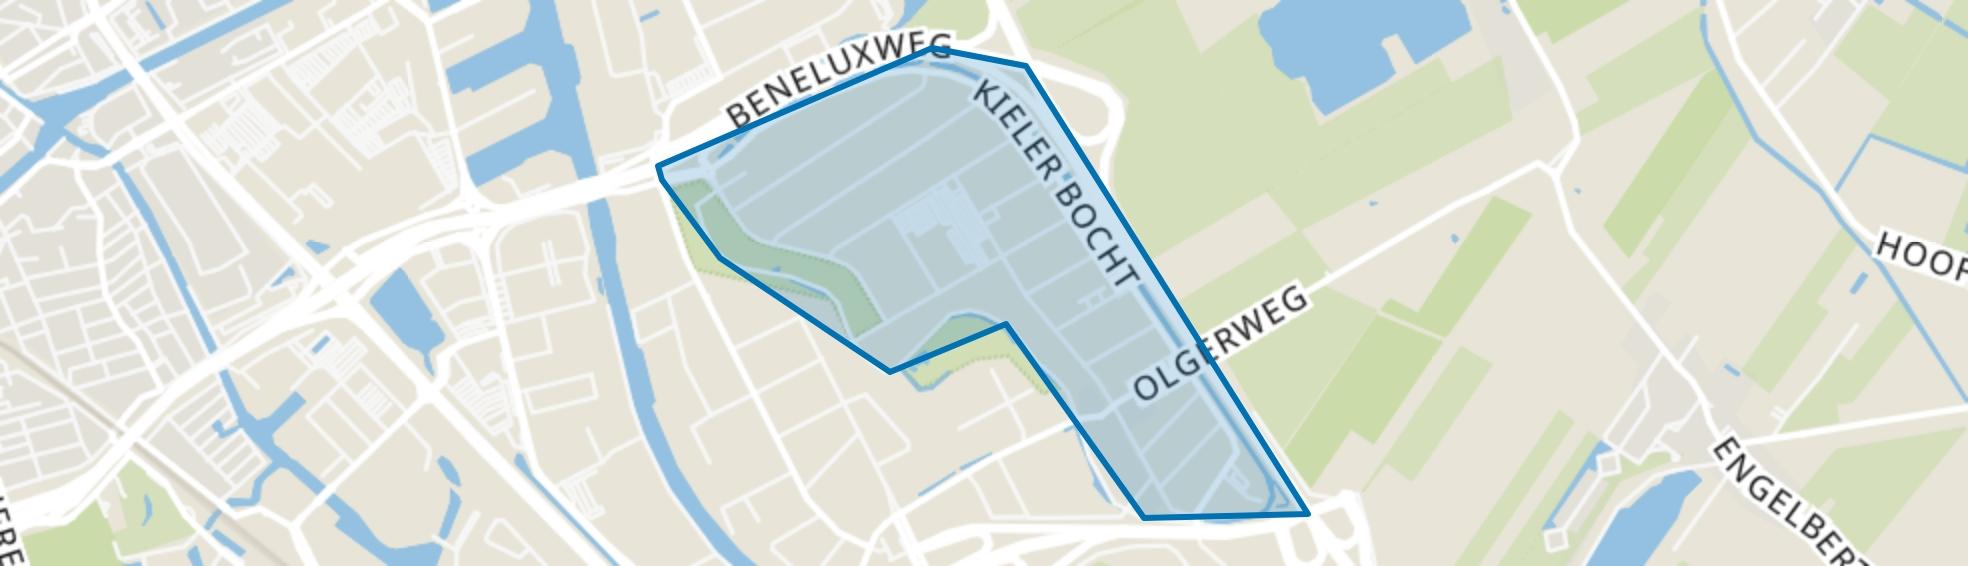 Eemspoort, Groningen map